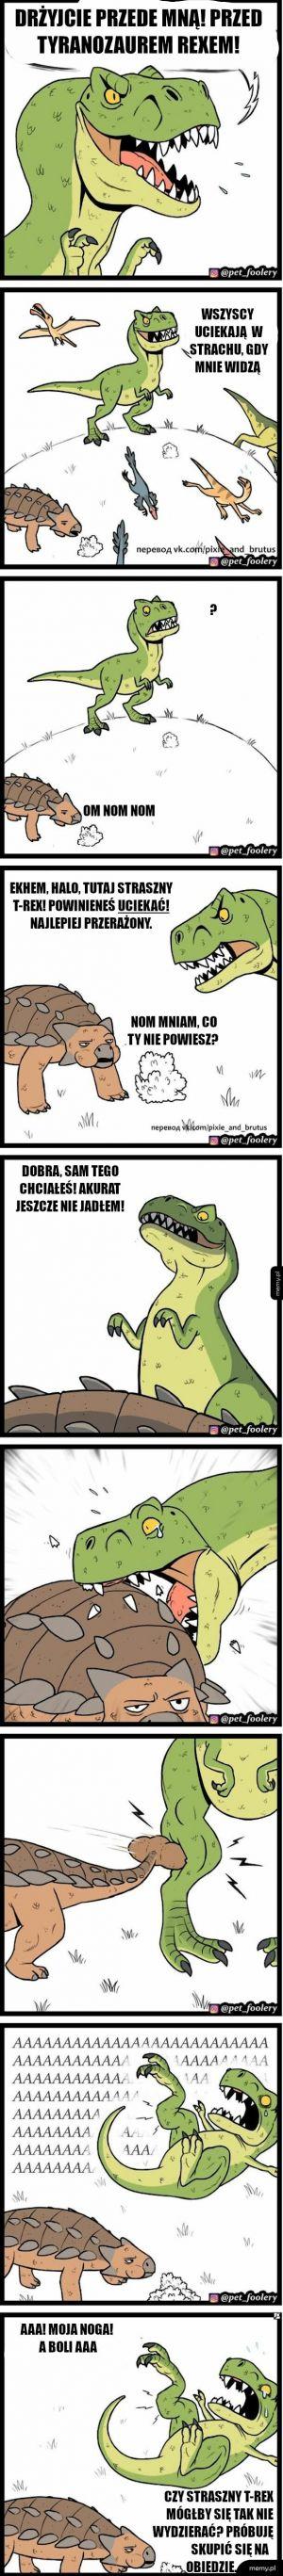 Straszny tyranozaurus reks